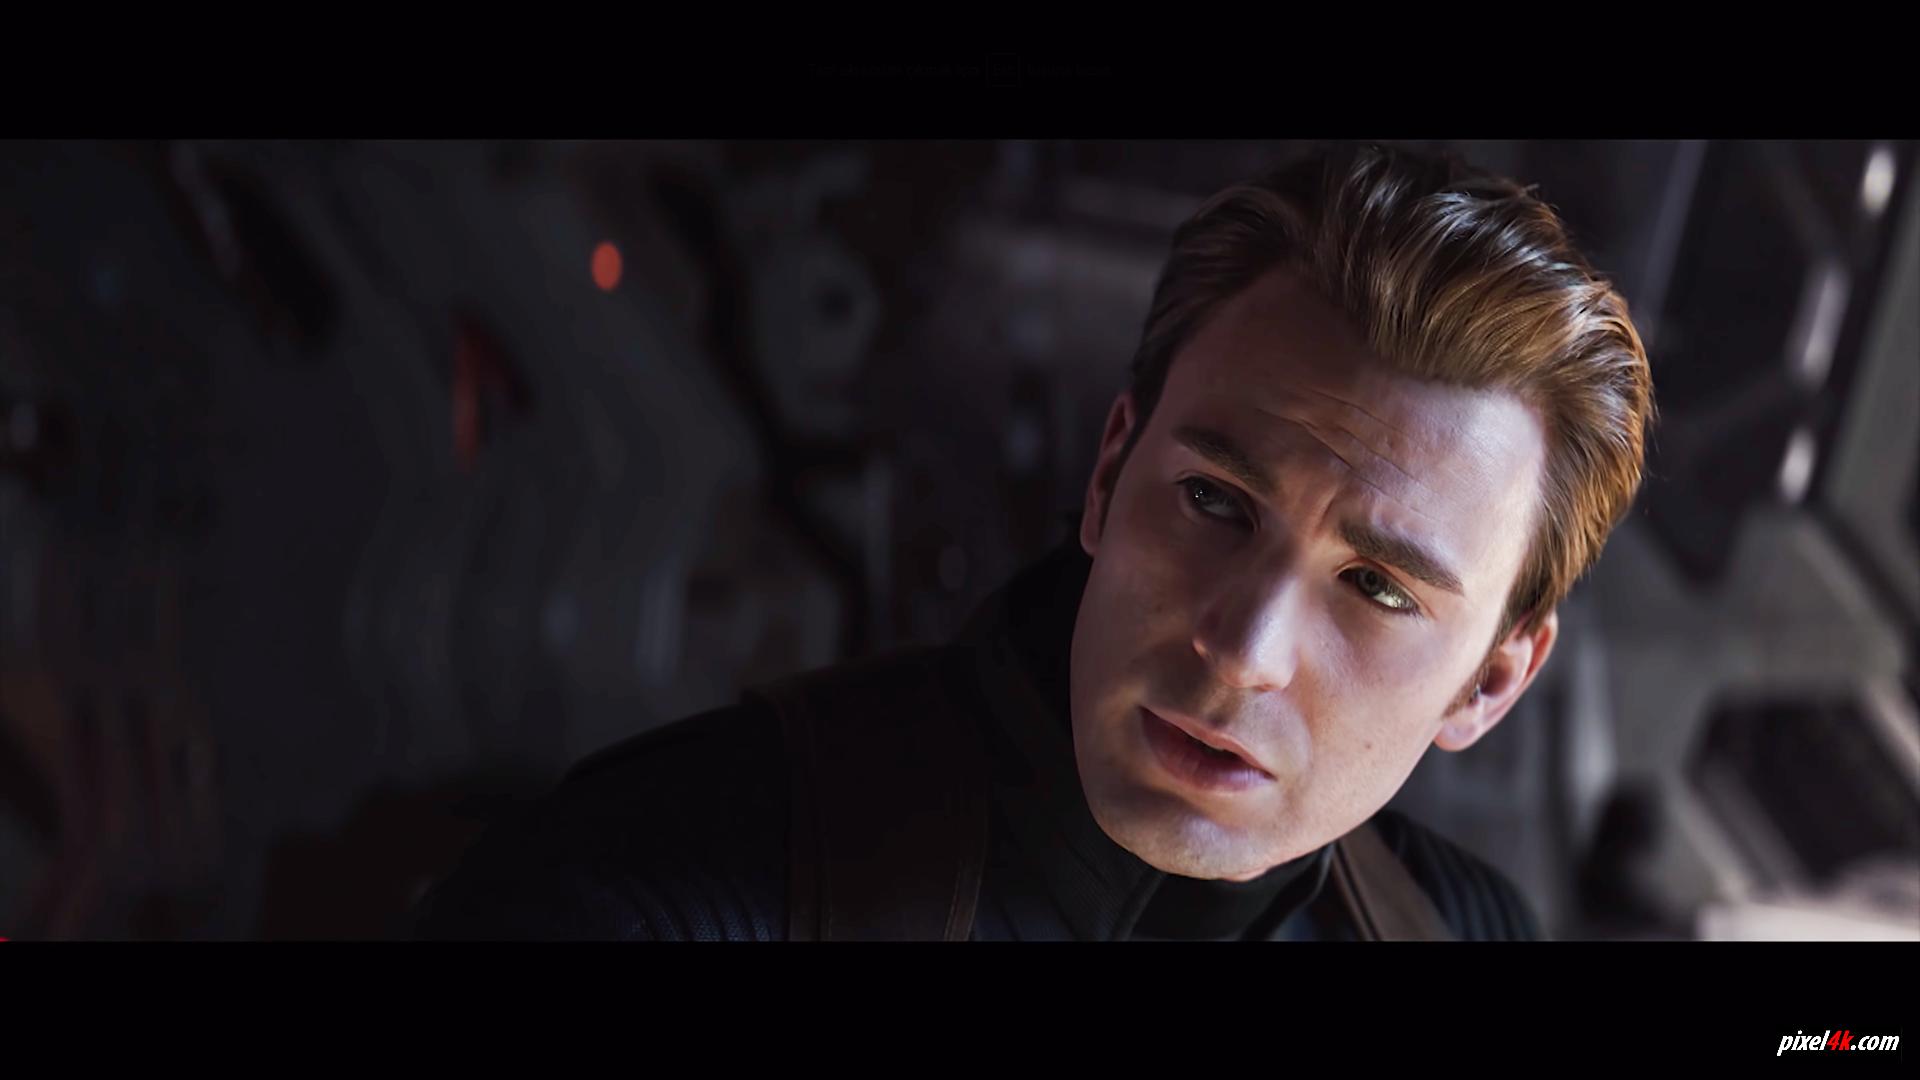 avv11.1 - Avengers End Game Captain America HD - Captain America wallpapers 2019, Captain America hd wallpapers, Captain America end game wallpapers hd, Captain America end game hd wallpapers